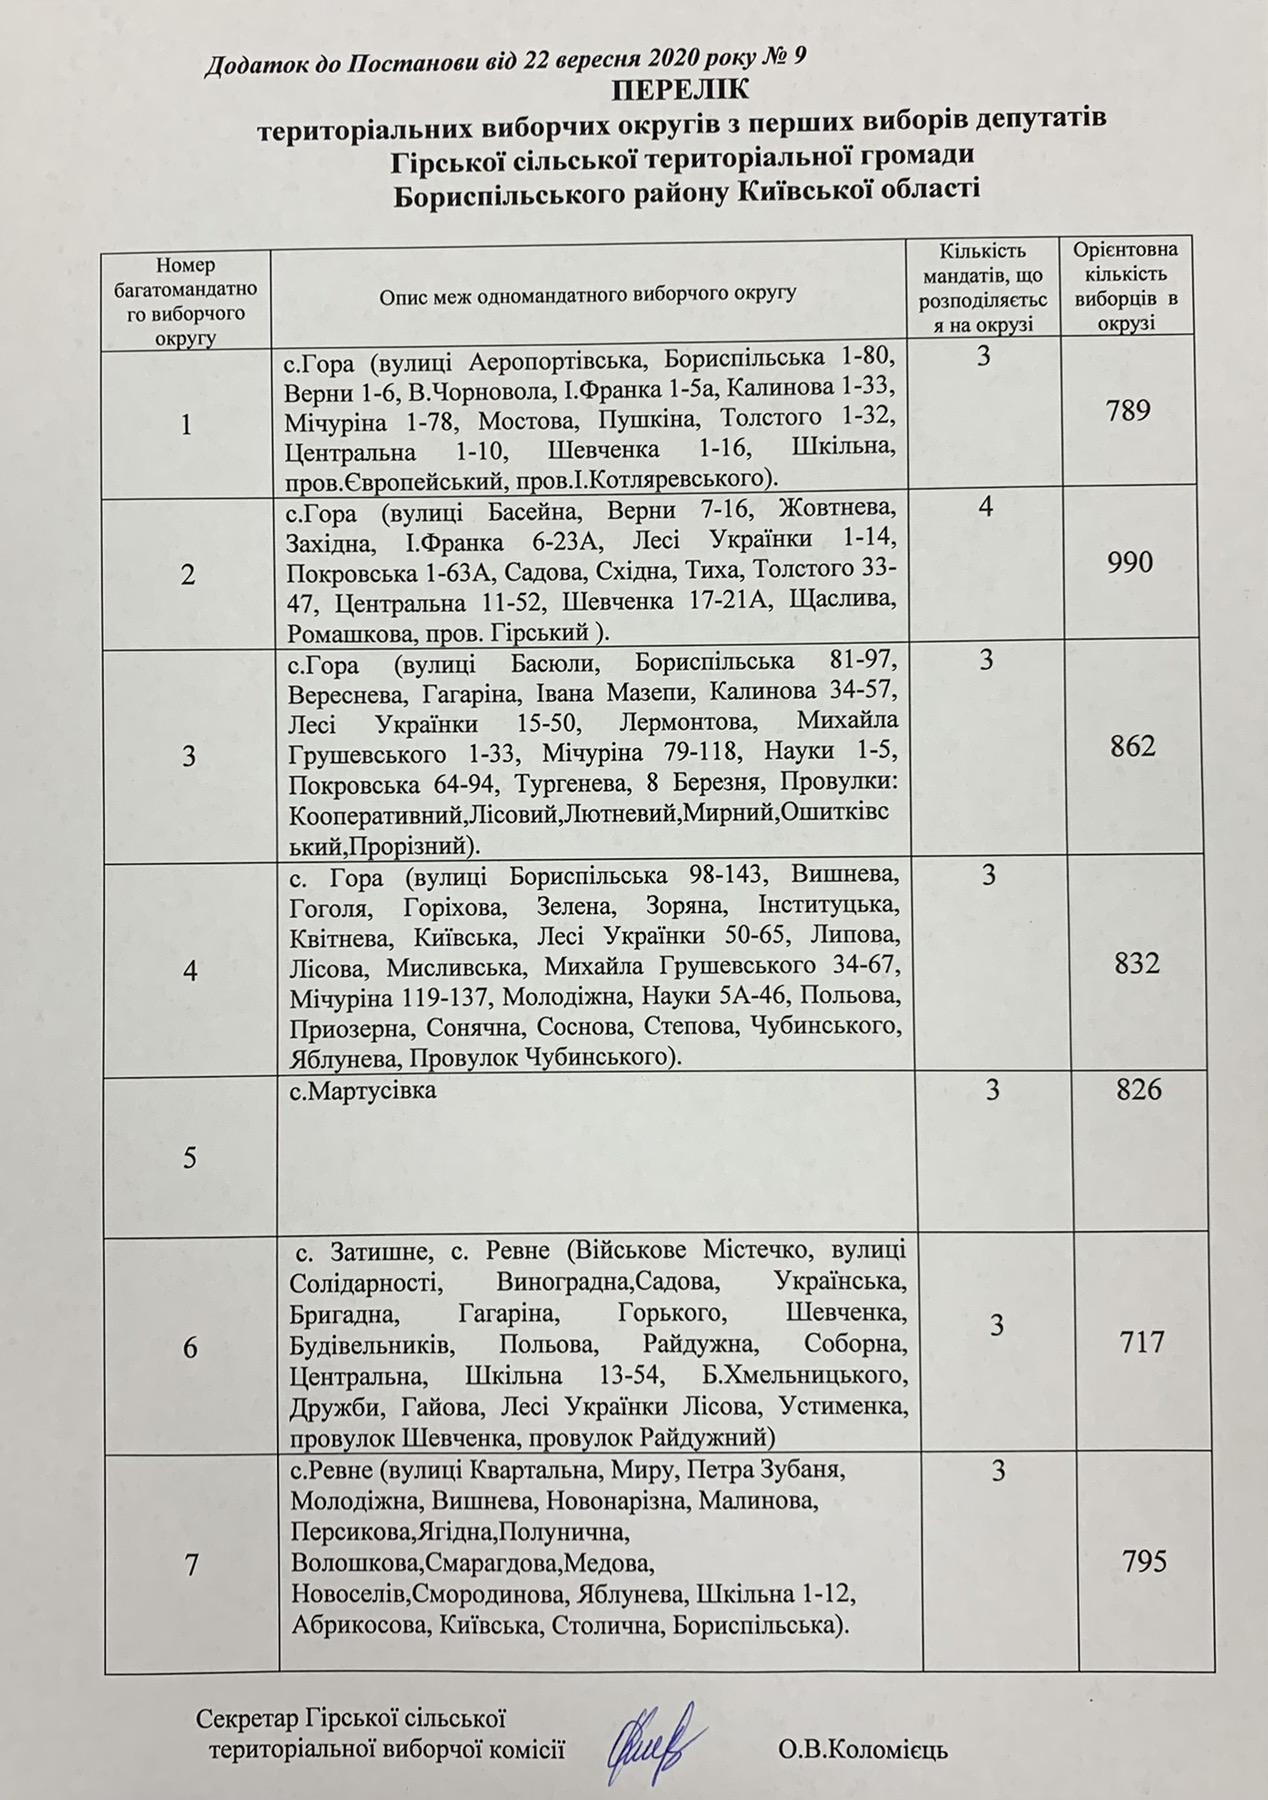 Перелік територіальних виборчих округів